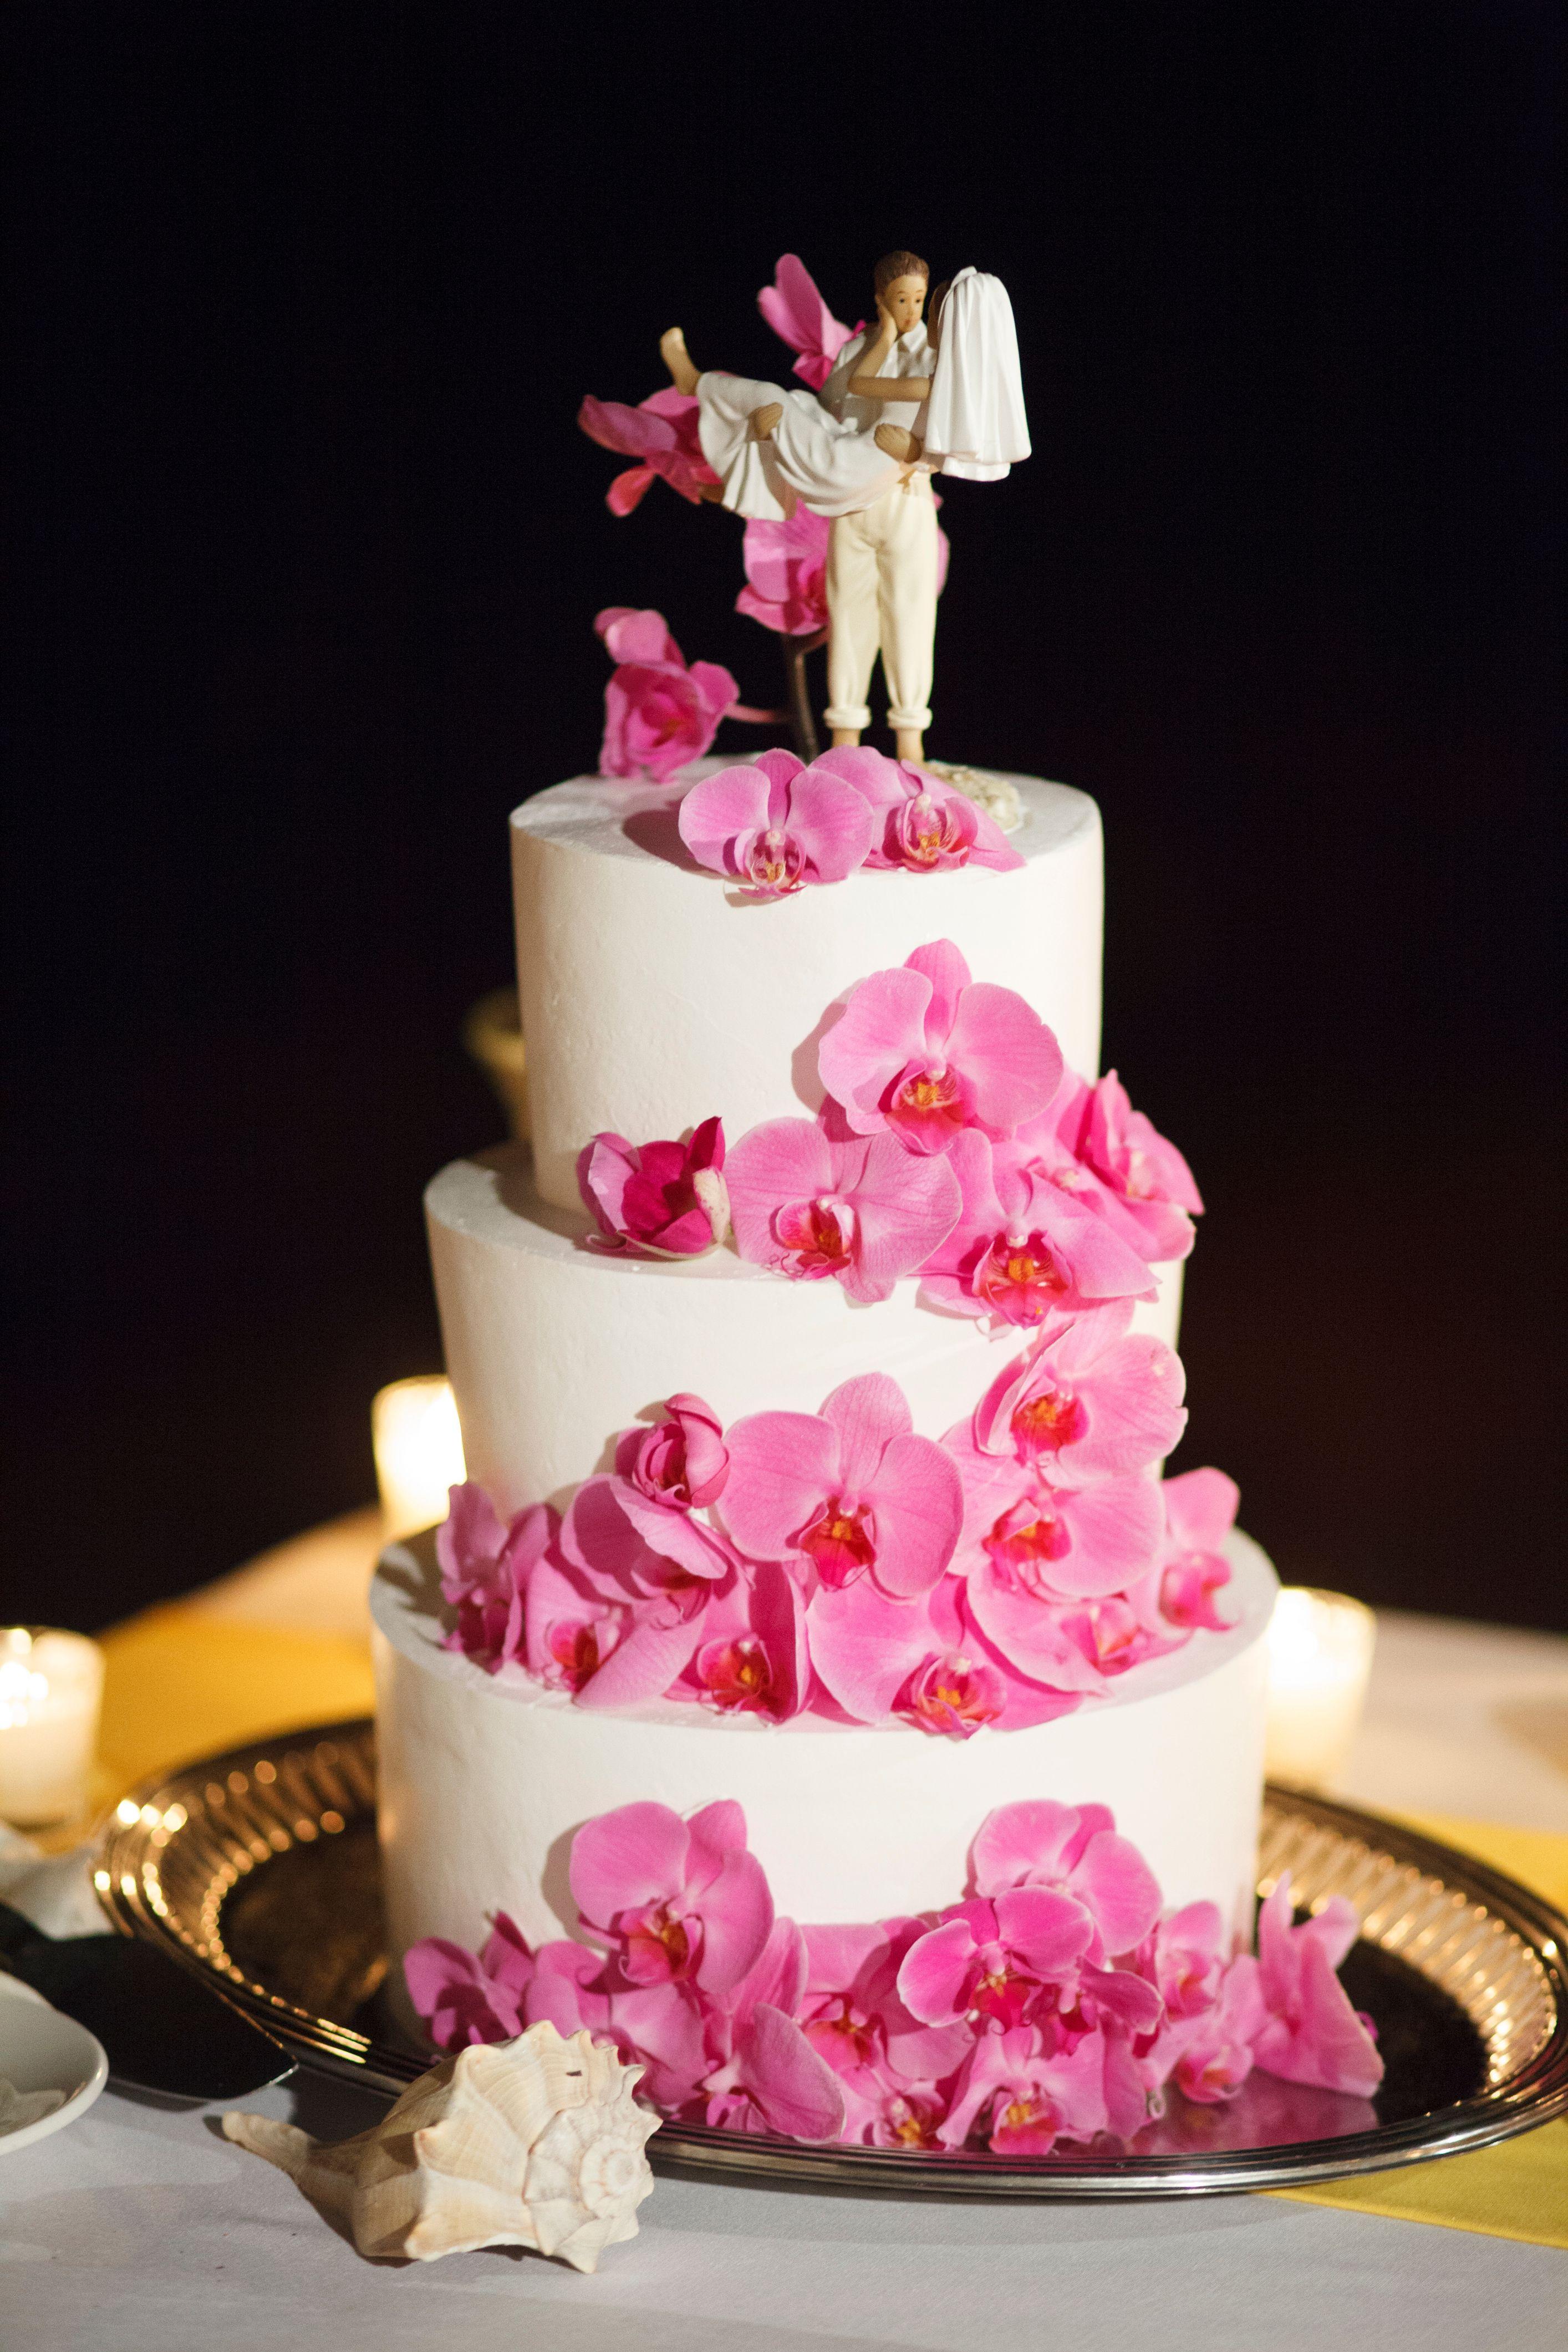 Pin de Andreea Teliban en Sugar, Sugar! Pasteles de boda